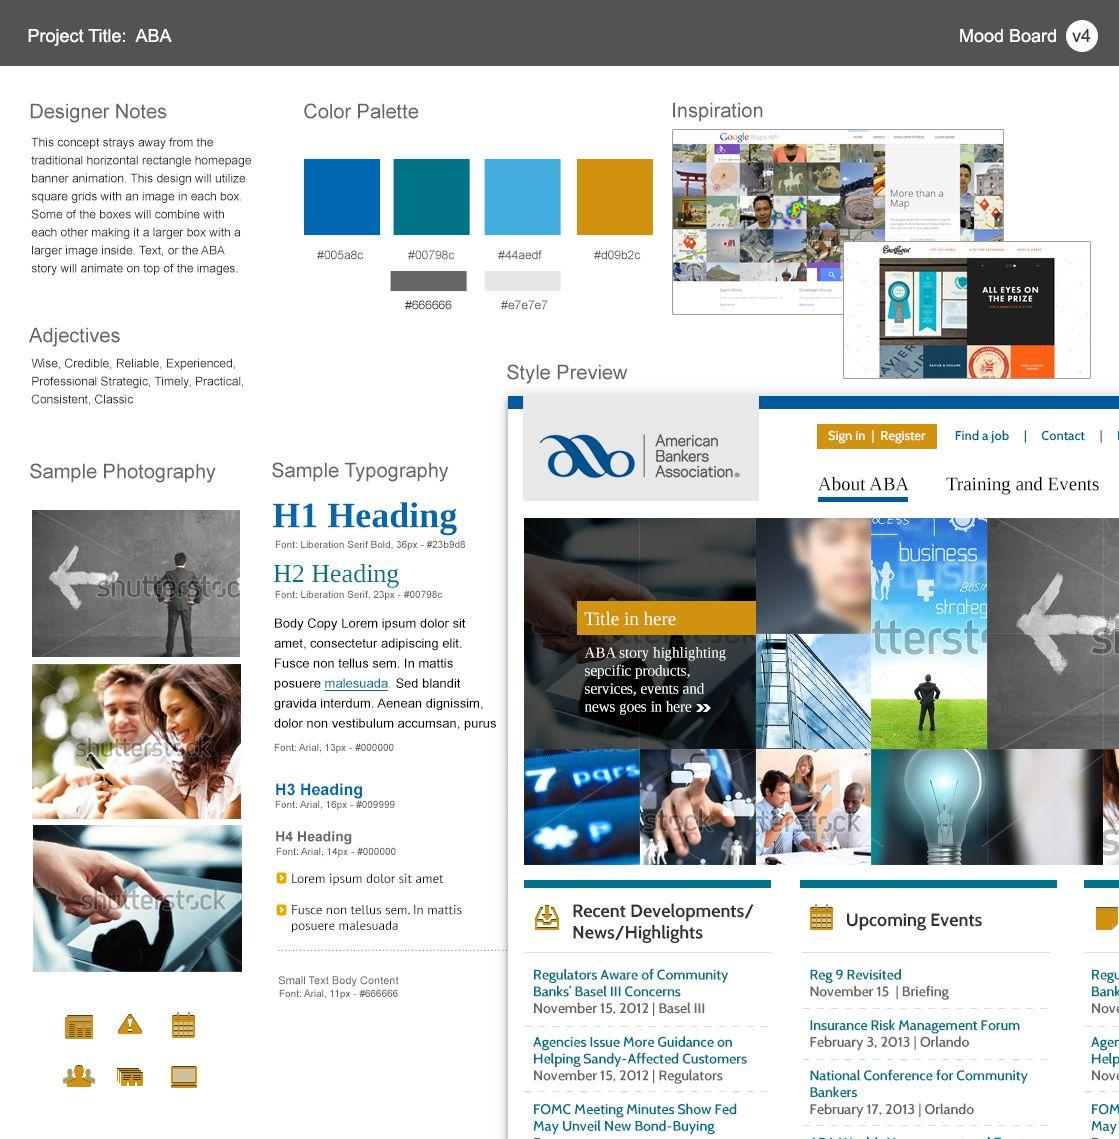 Aba Moodboard 4 Moodboard Bank Webdesign Clean Uncluttered Design Mood Board Web Design Color Palette